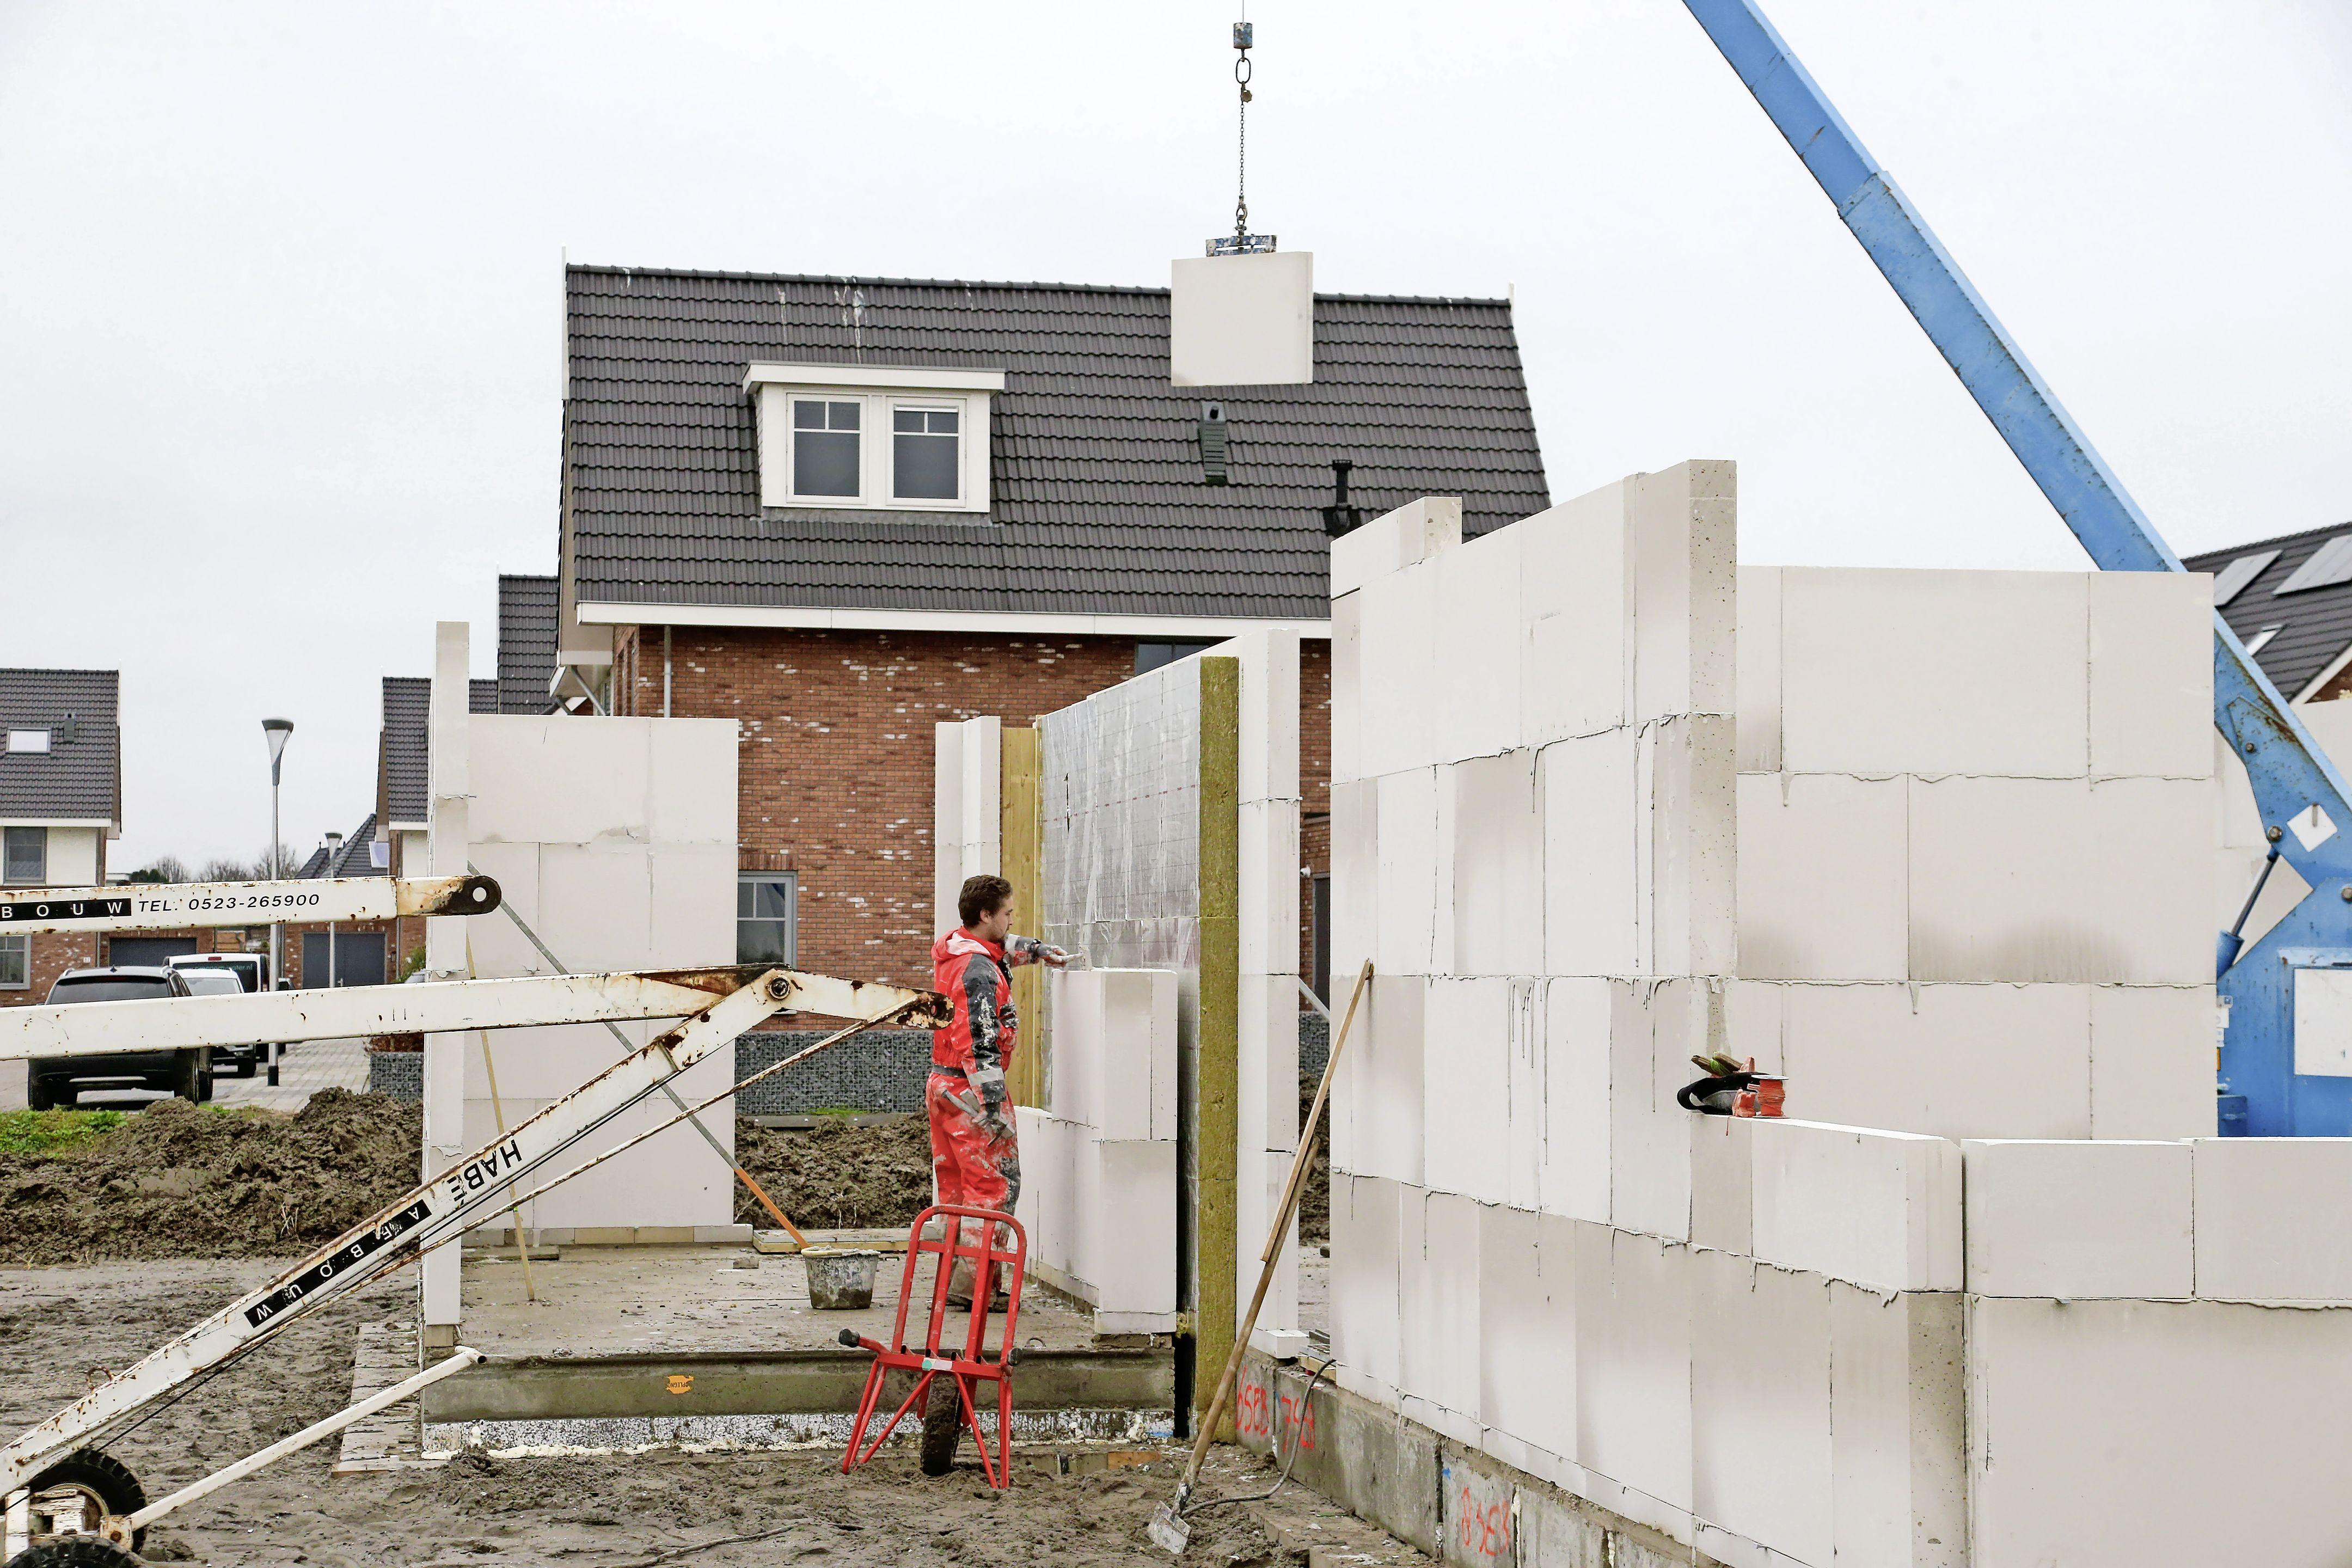 Grotere voorraad huurwoningen nodig in Opmeer